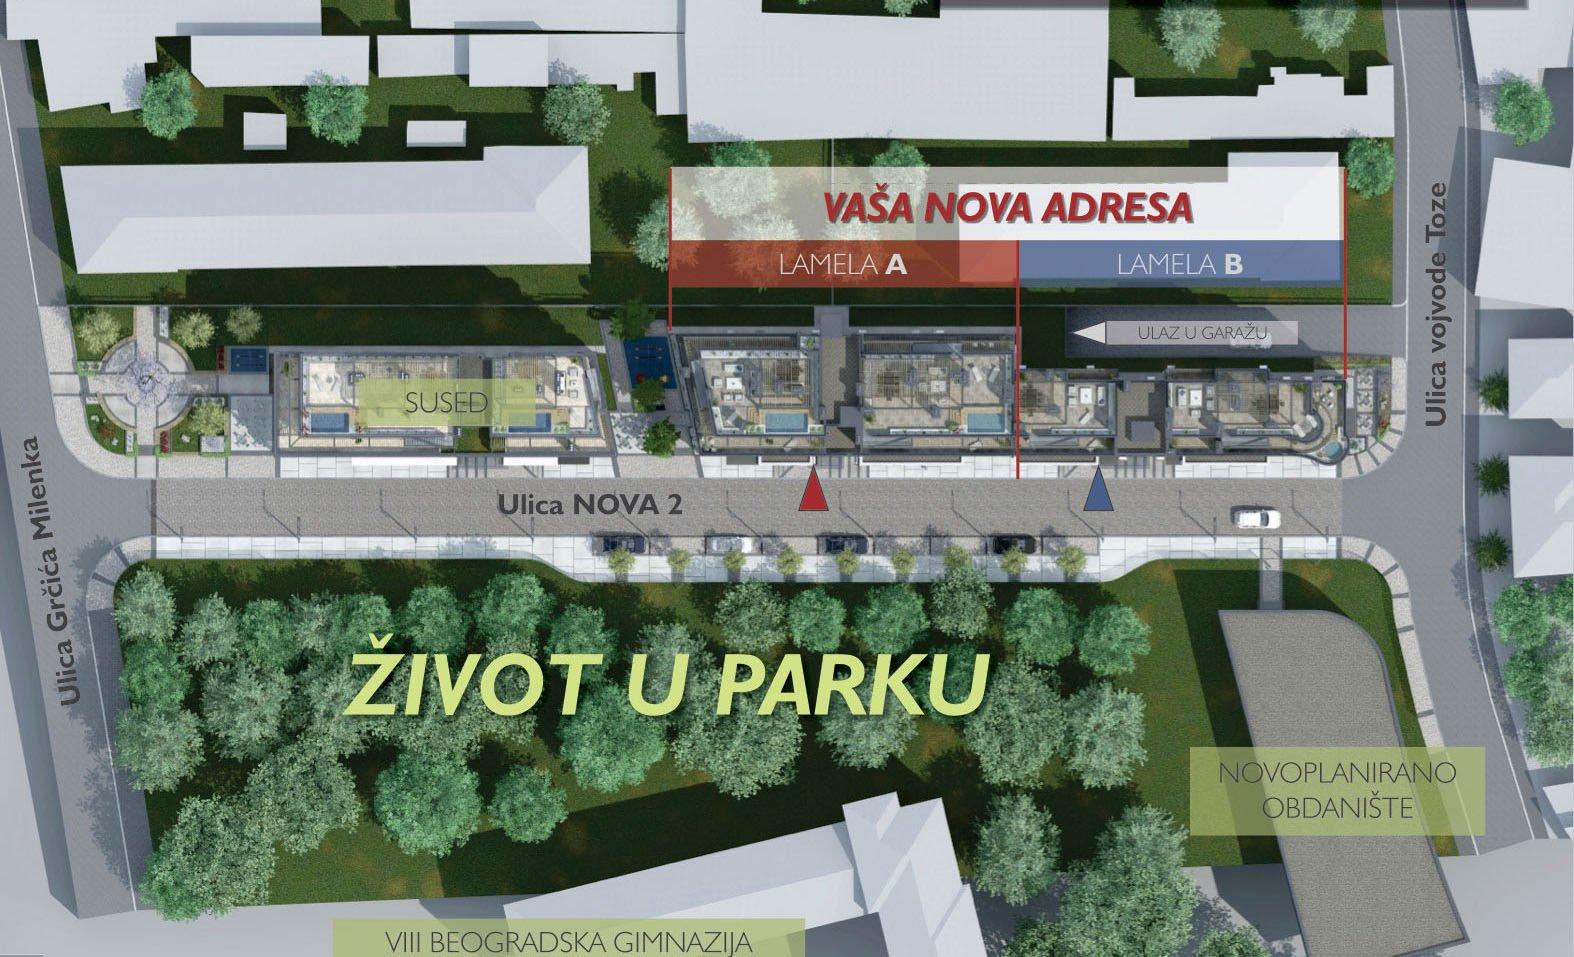 krusedolska ulica beograd mapa Lokacija | Vaša nova adresa krusedolska ulica beograd mapa